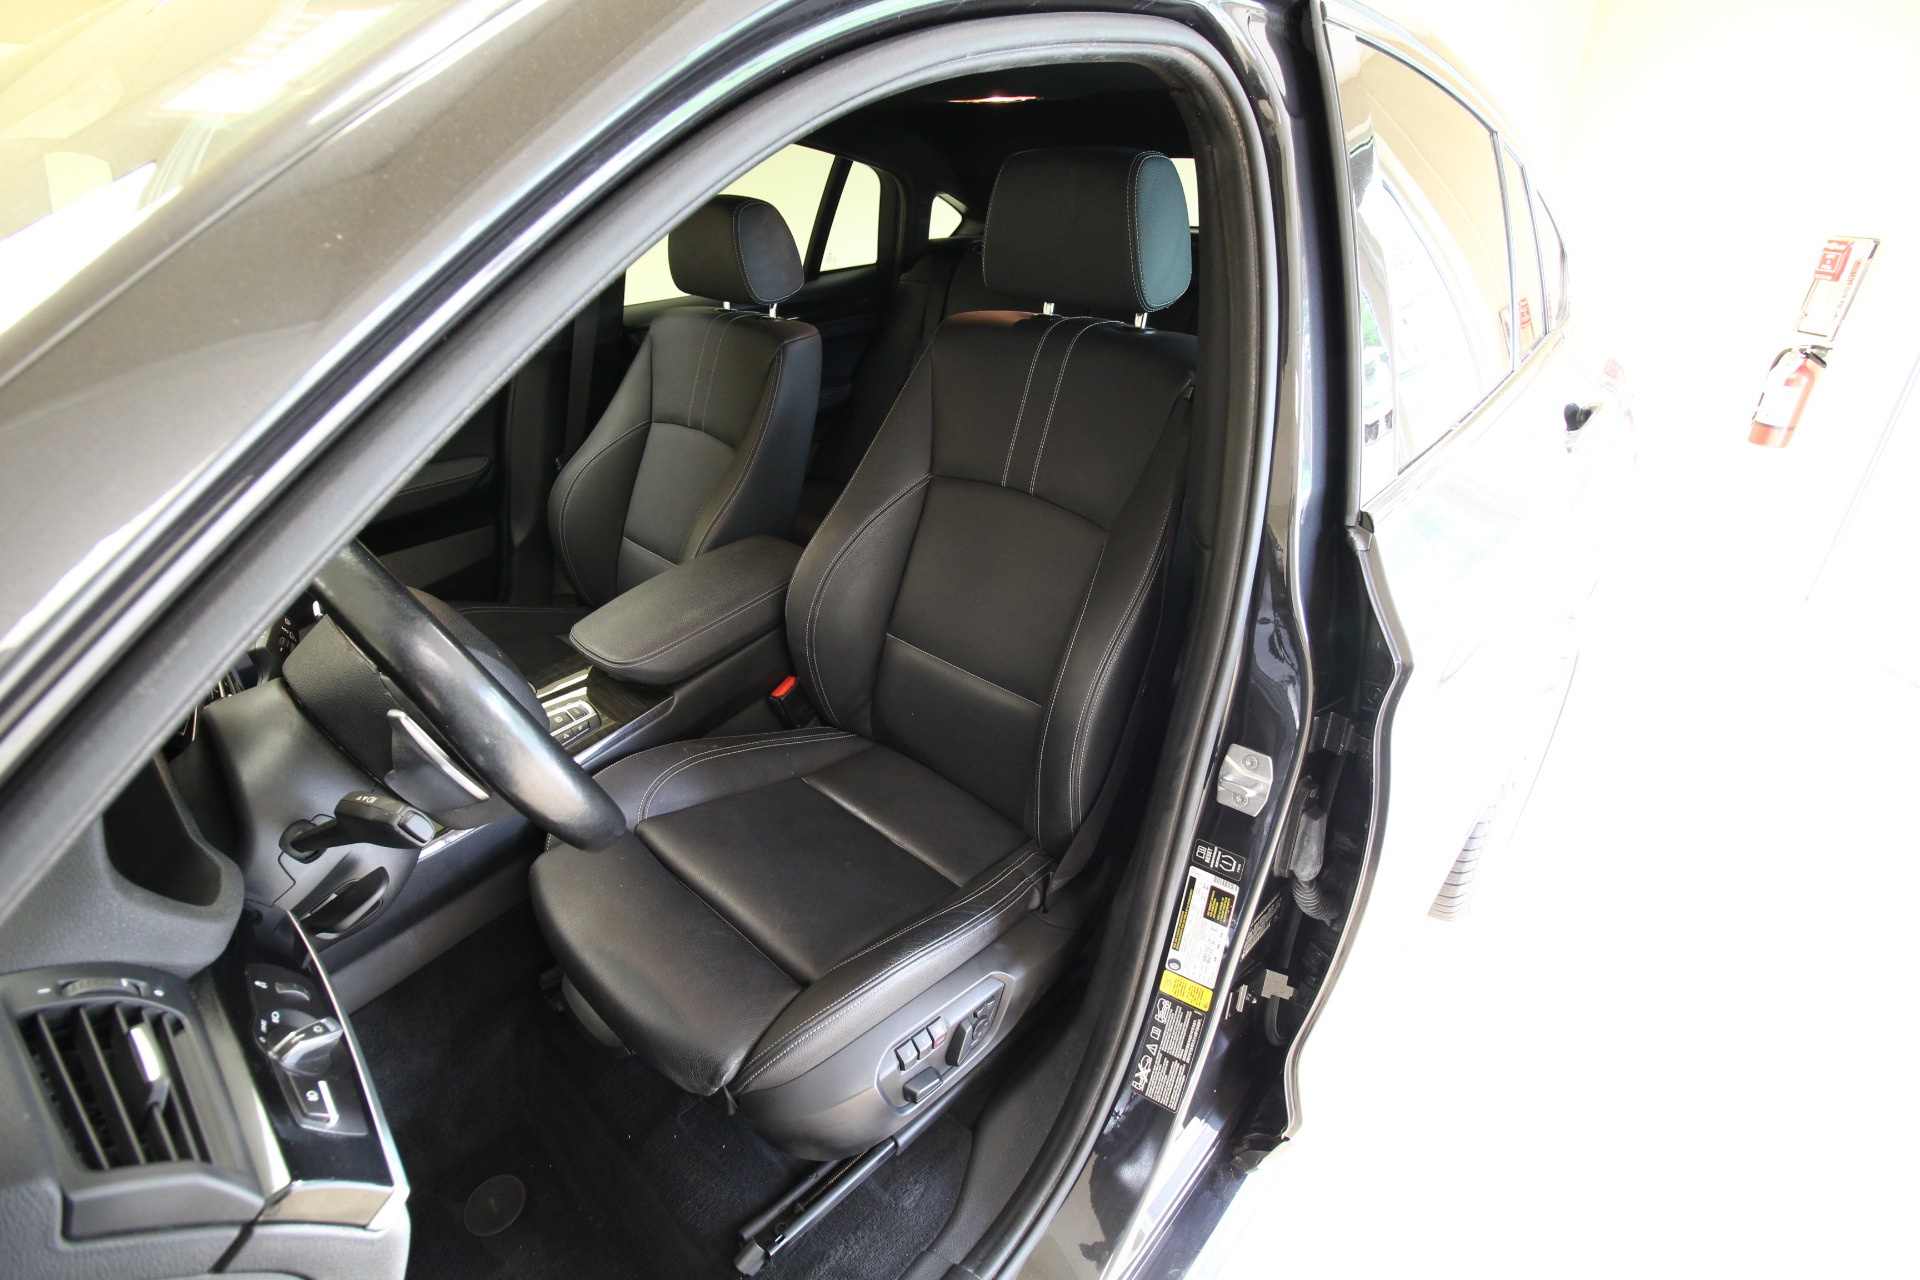 2015 Bmw X4 Xdrive28i M Sport Stock 18093 For Sale Near